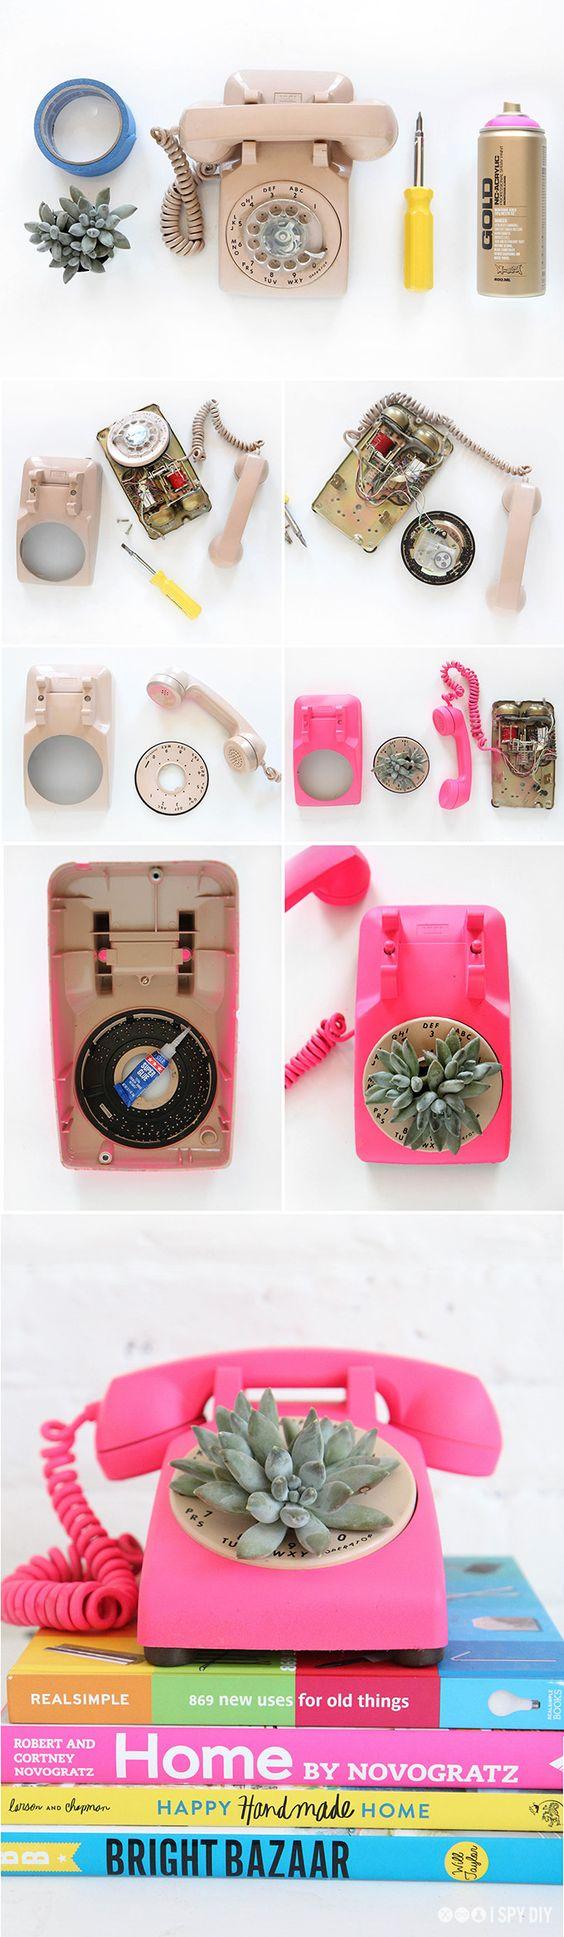 Telefone #sqn